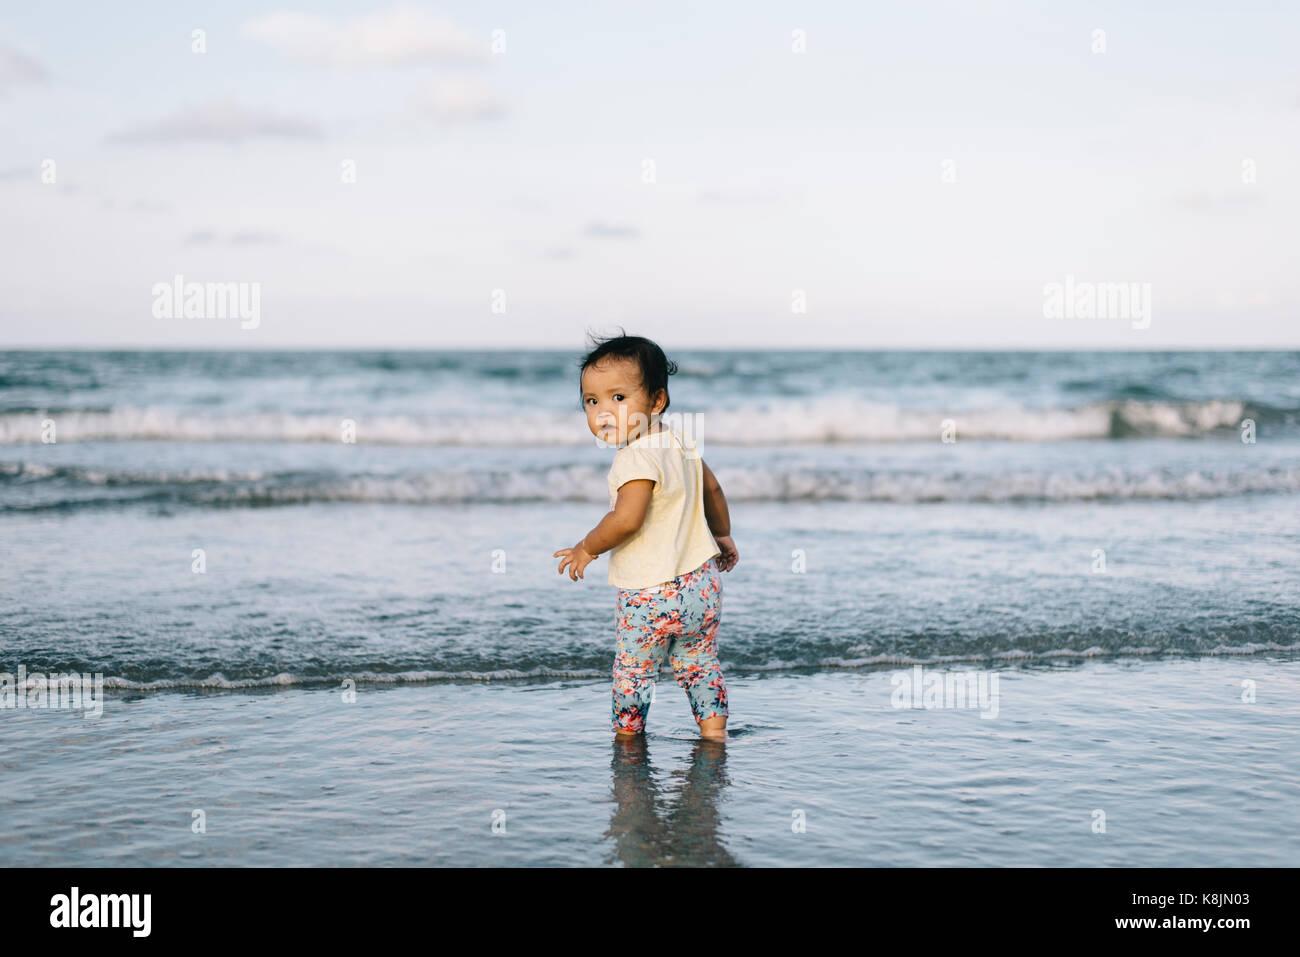 Il bambino o neonato la riproduzione delle onde sulla spiaggia per la prima volta le faccia curioso.concetto di Immagini Stock